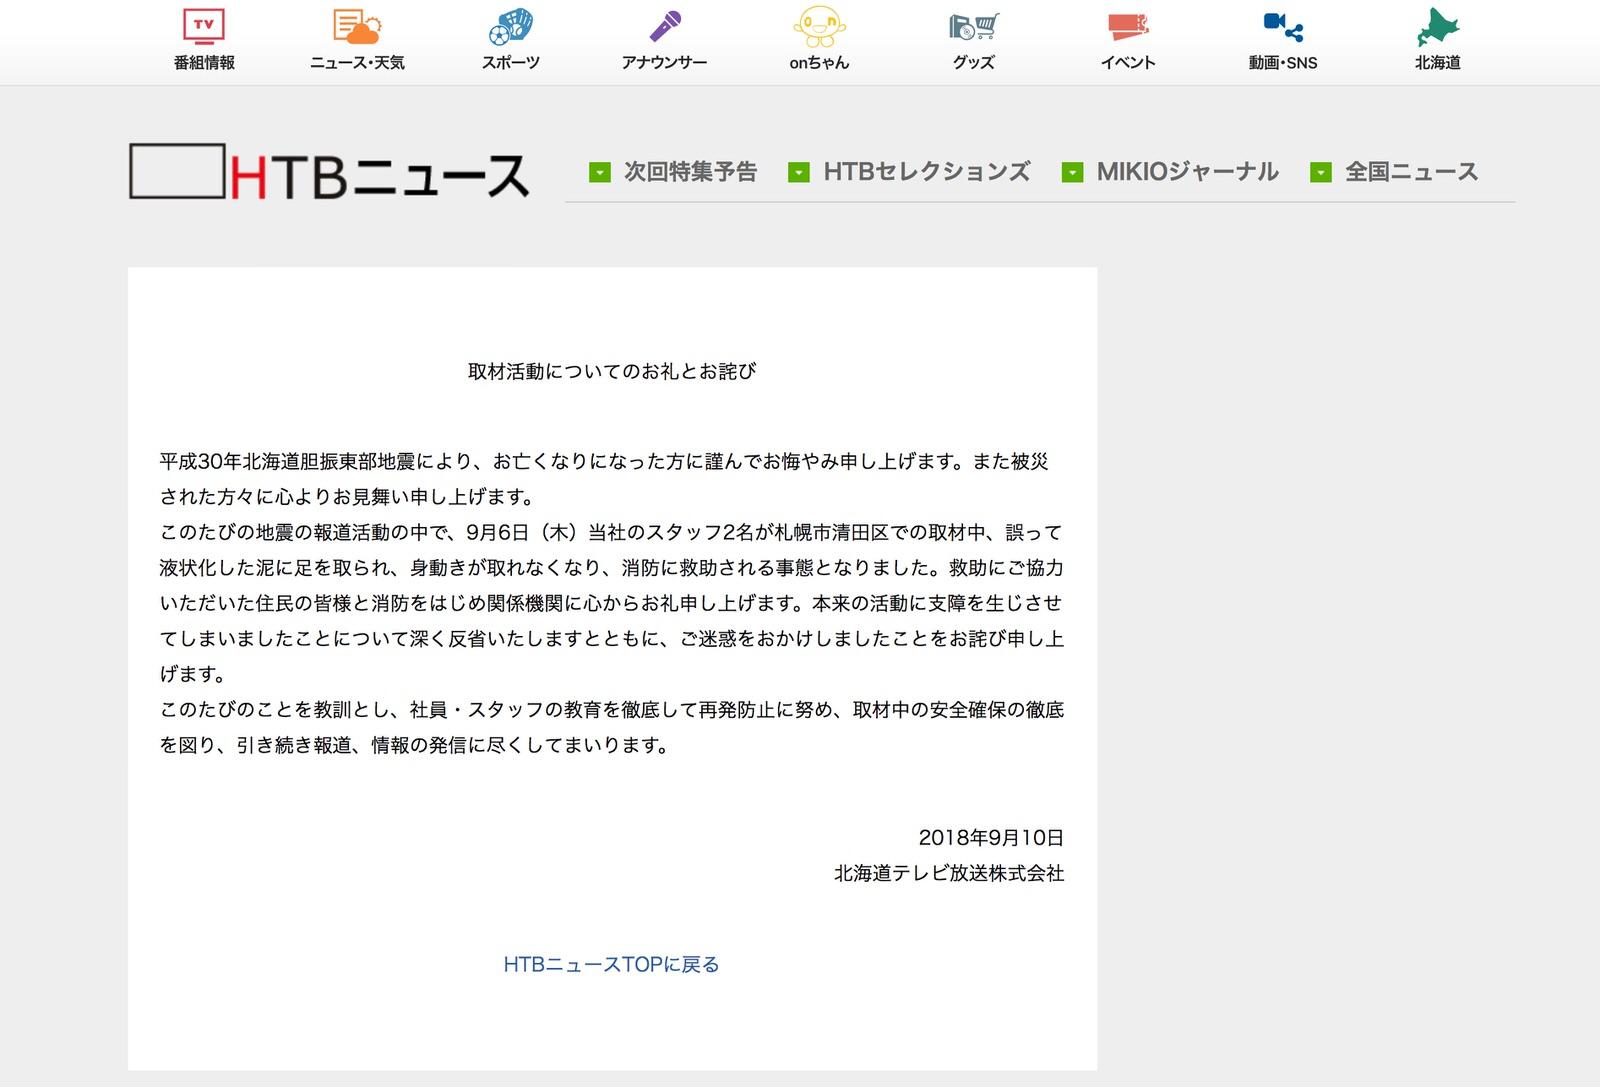 北海道地震での取材活動で泥にはまり6時間半かけて救助、ネット上で非難殺到 北海道テレビが謝罪